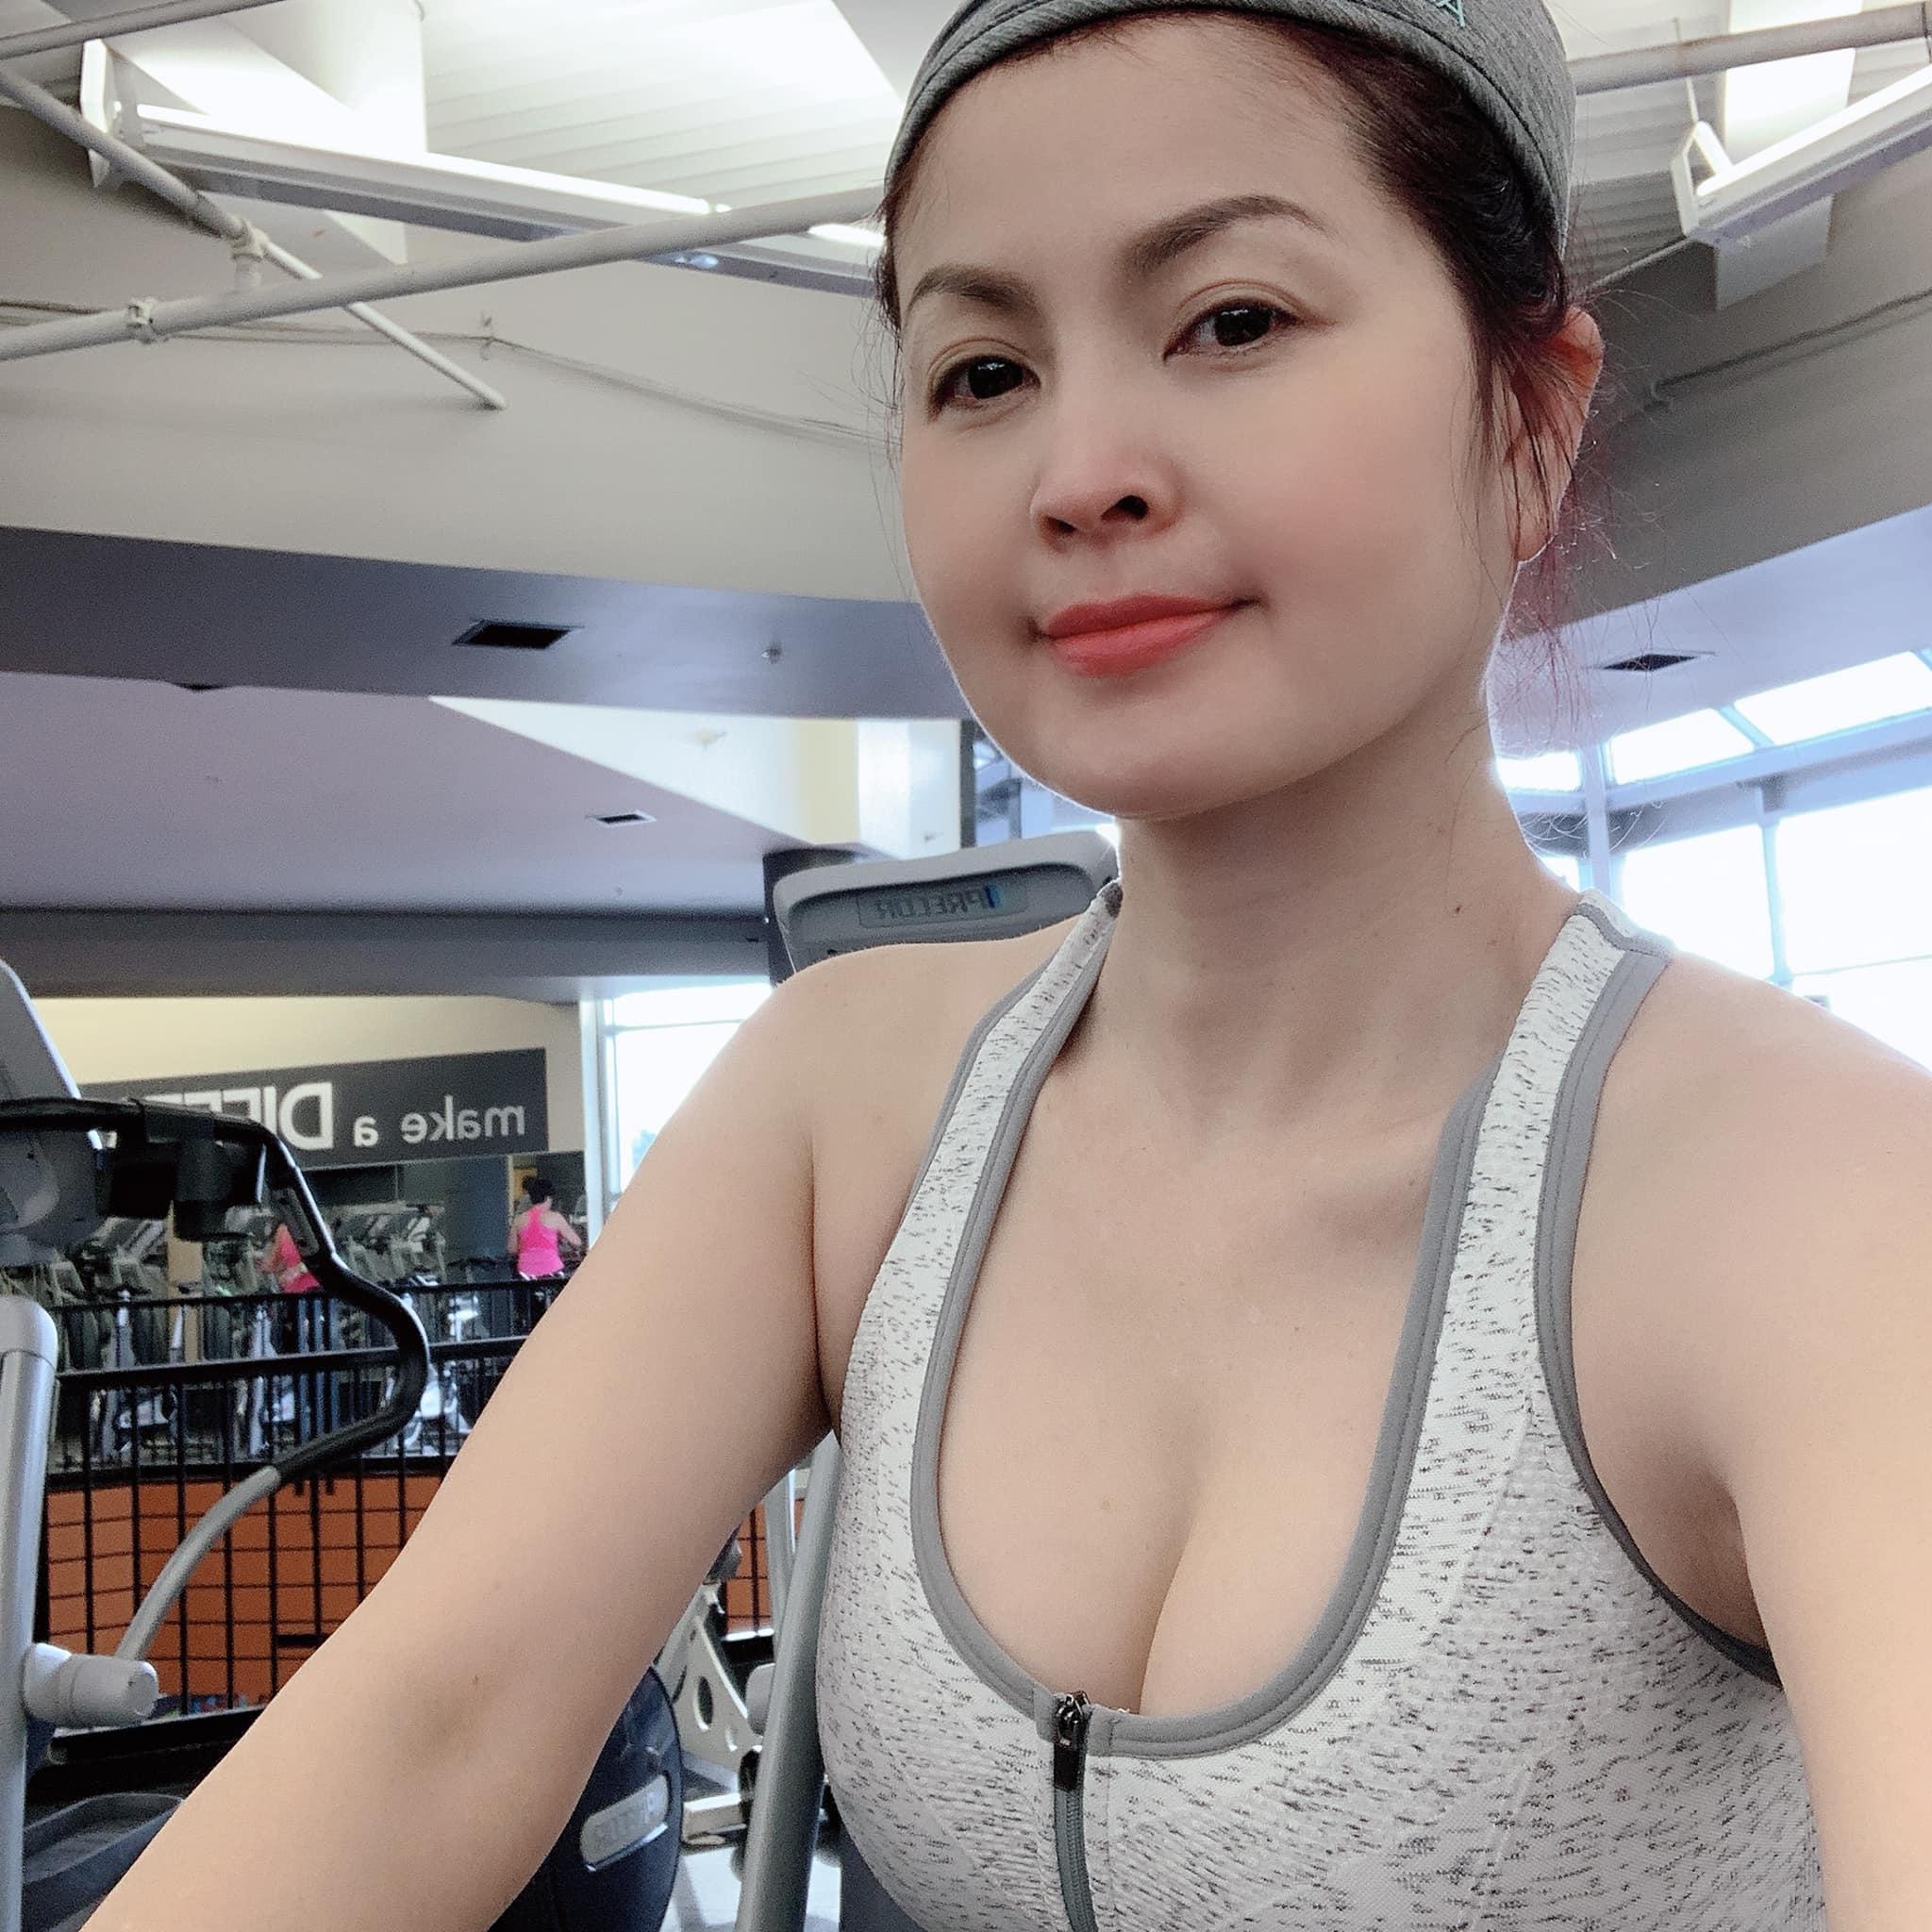 """Yến Vy xuất hiện bên người phụ nữ đặc biệt sau 16 năm """"trốn"""" showbiz Việt sang Mỹ - 4"""